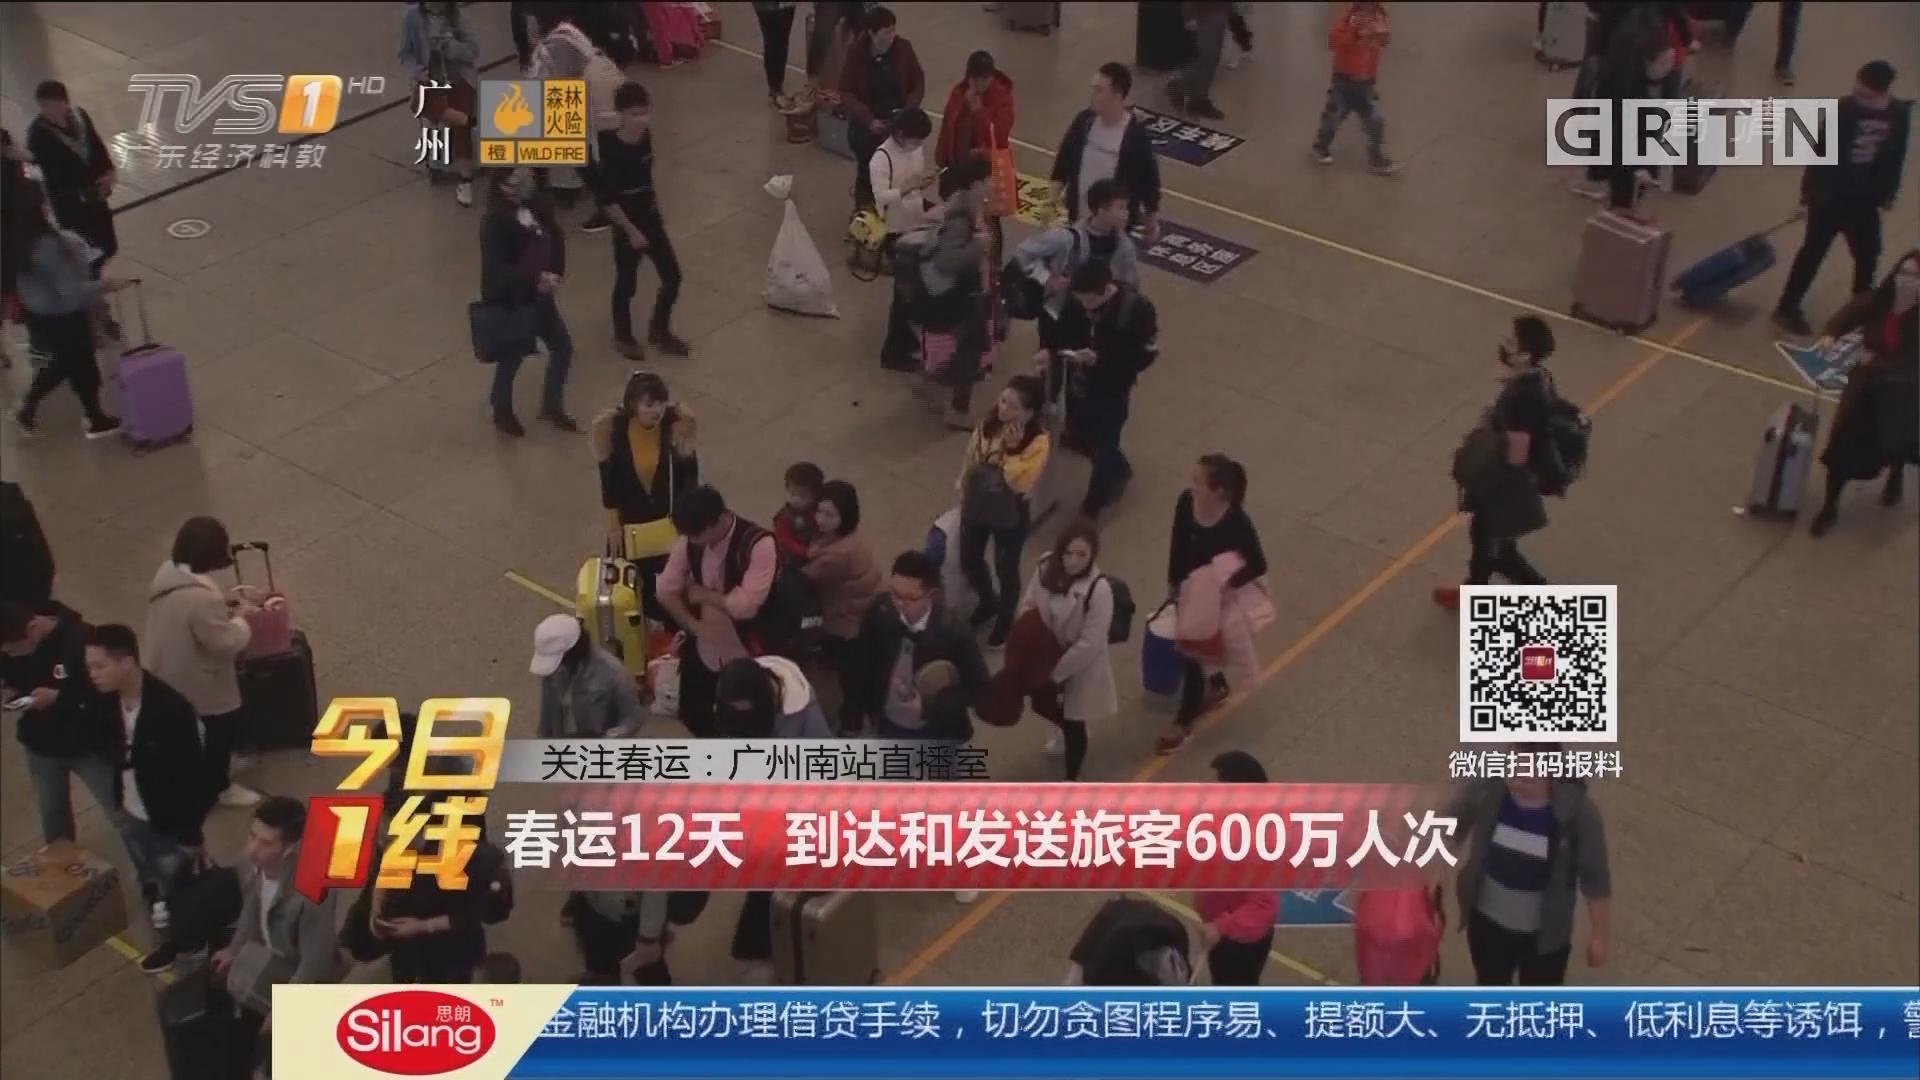 关注春运:广州南站直播室 春运12天 到达和发送旅客600万人次